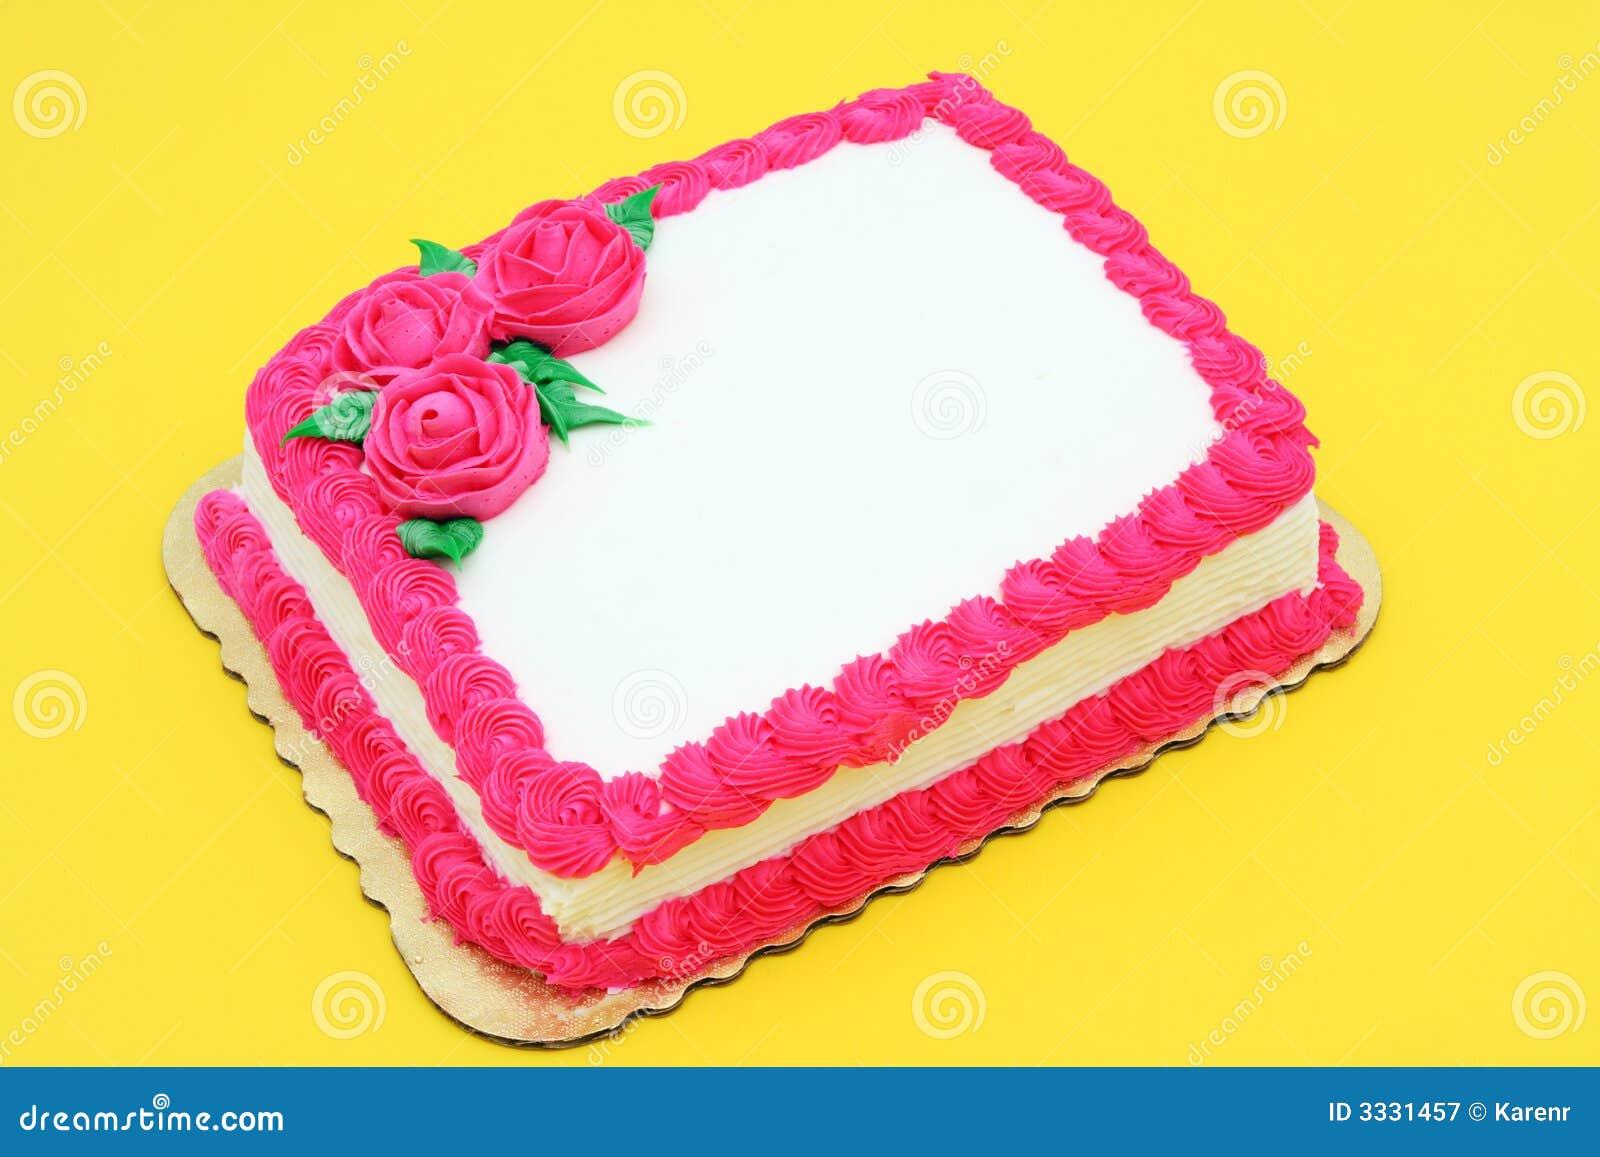 Blank Celebration Cake Stock Image Image Of Baker Diet